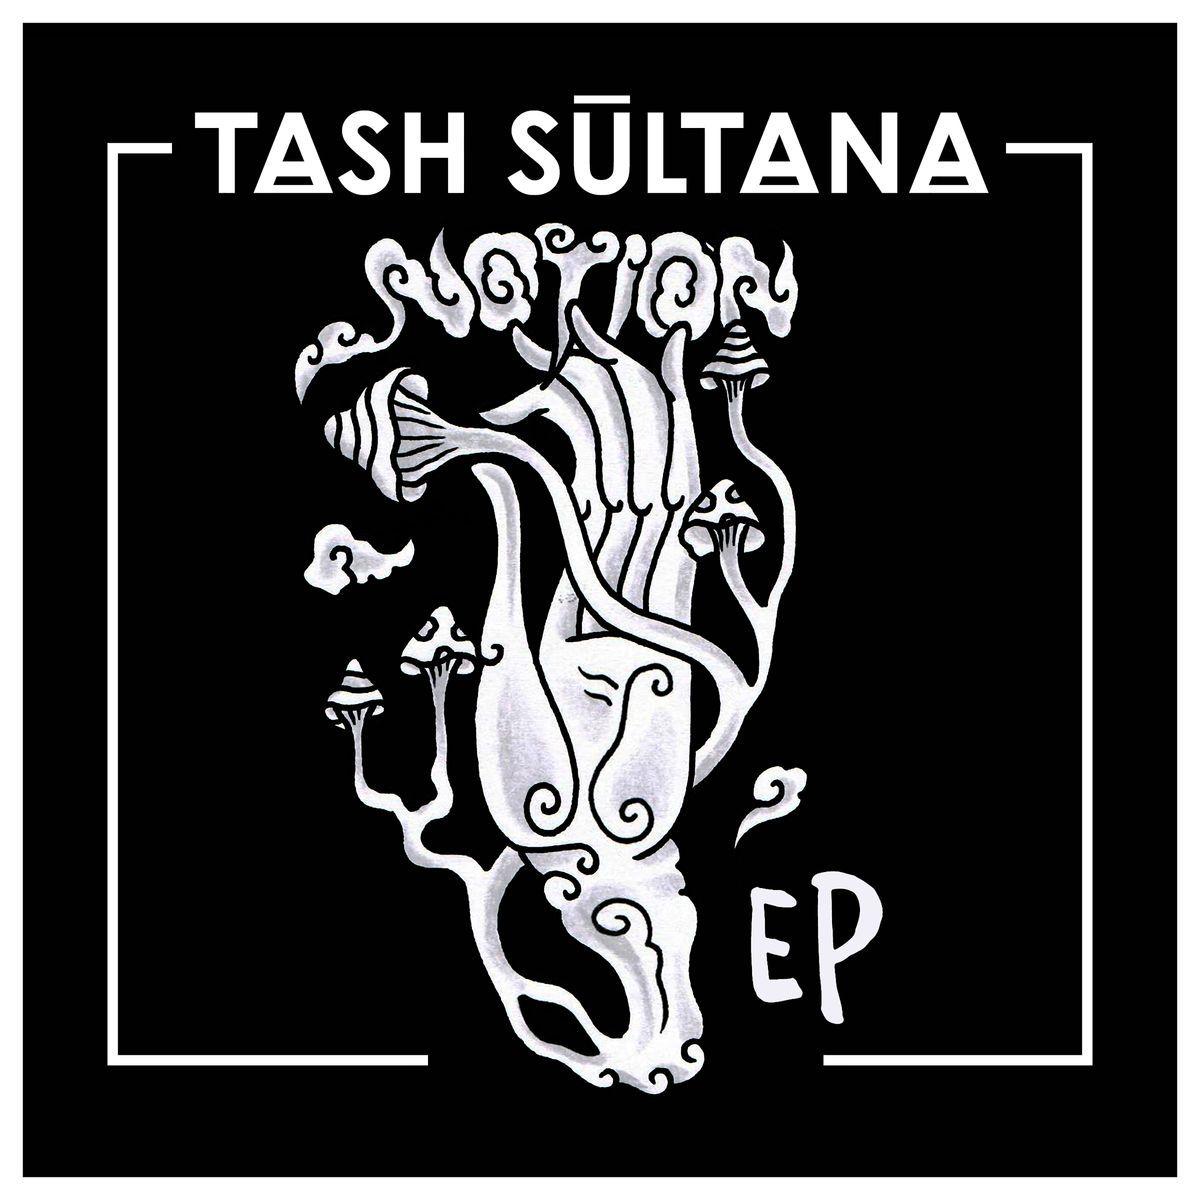 Tash Sultana - Notion album cover